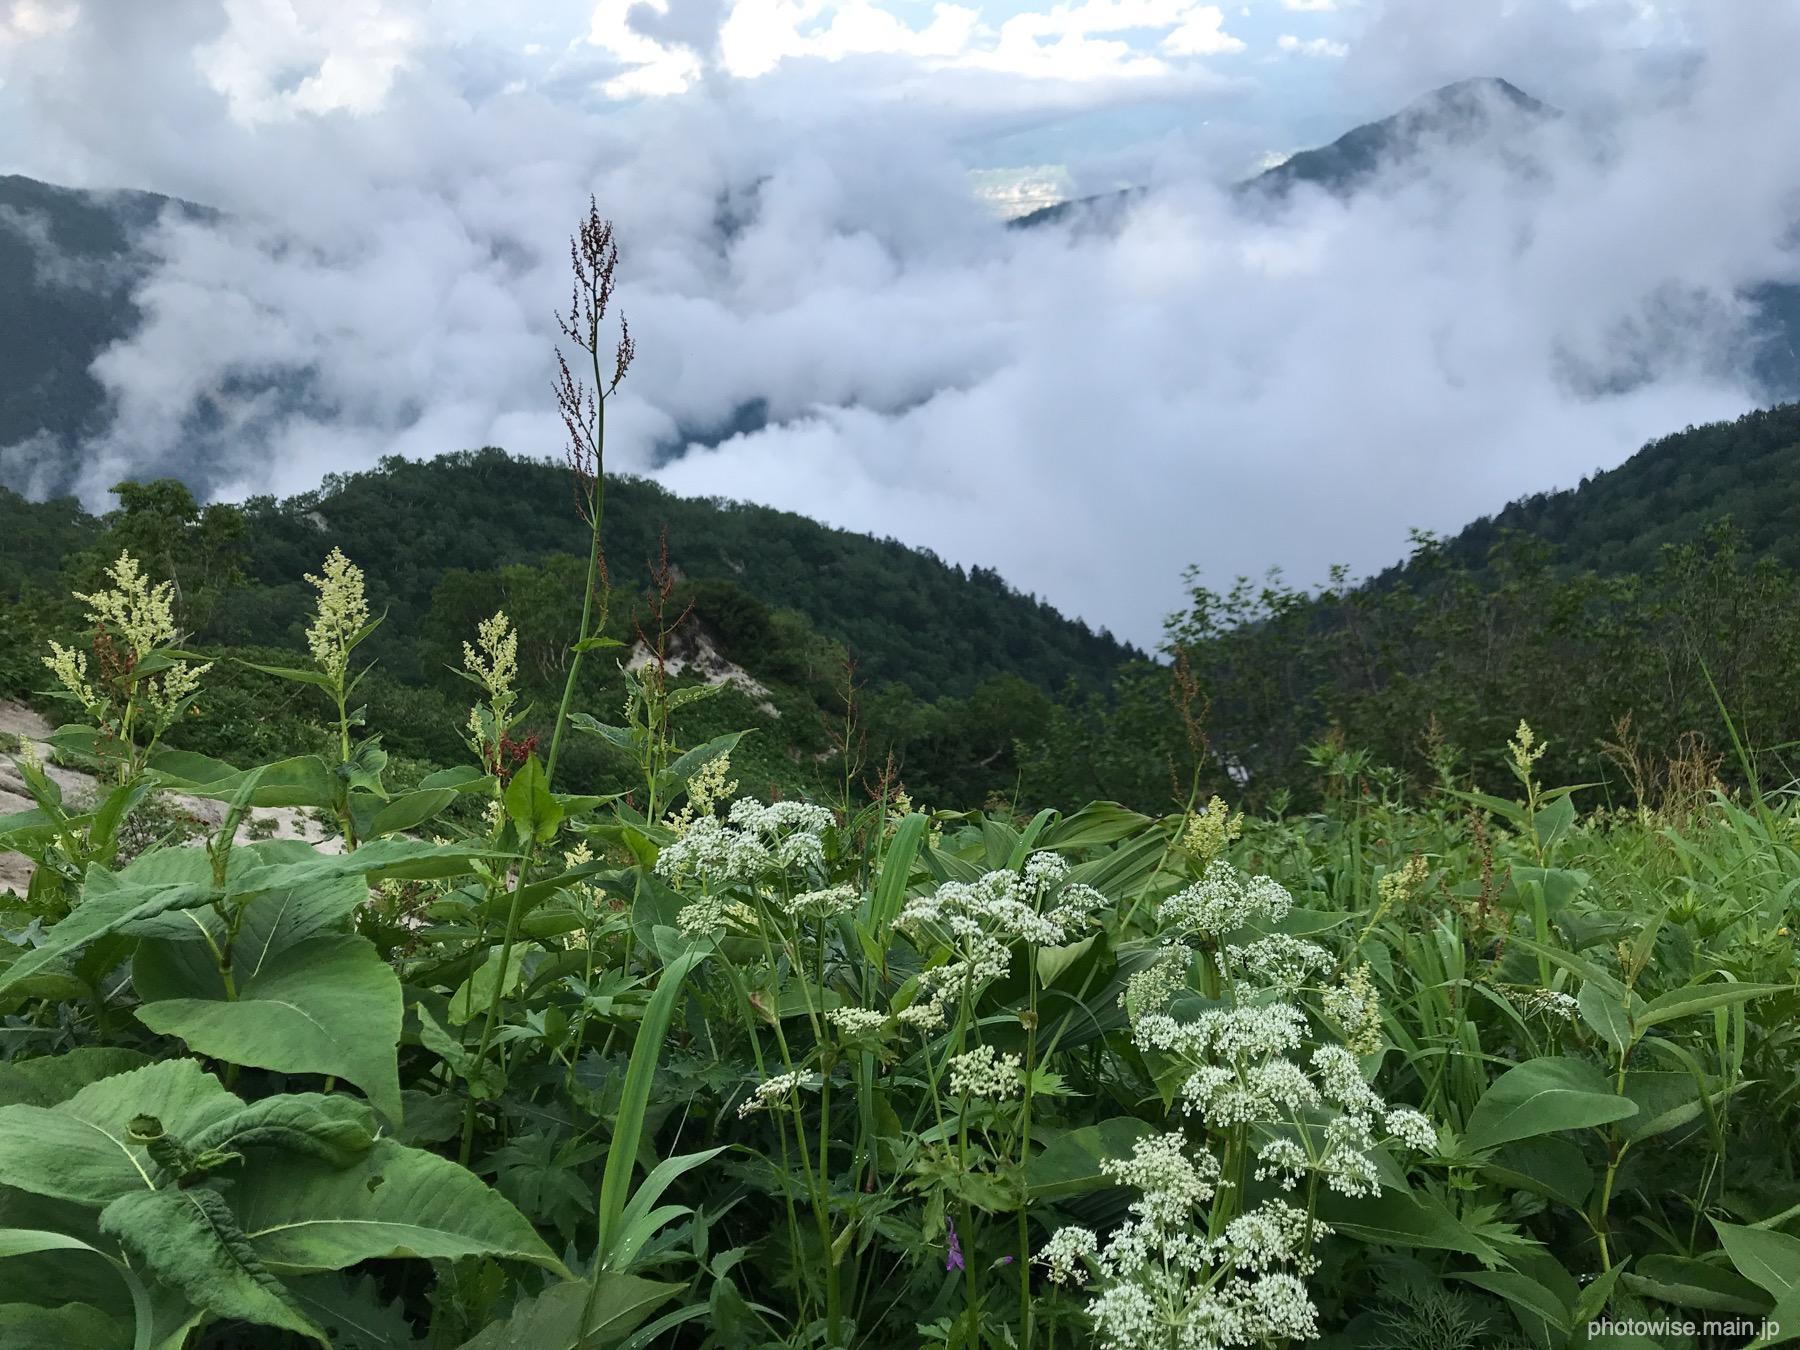 高山植物と雲海